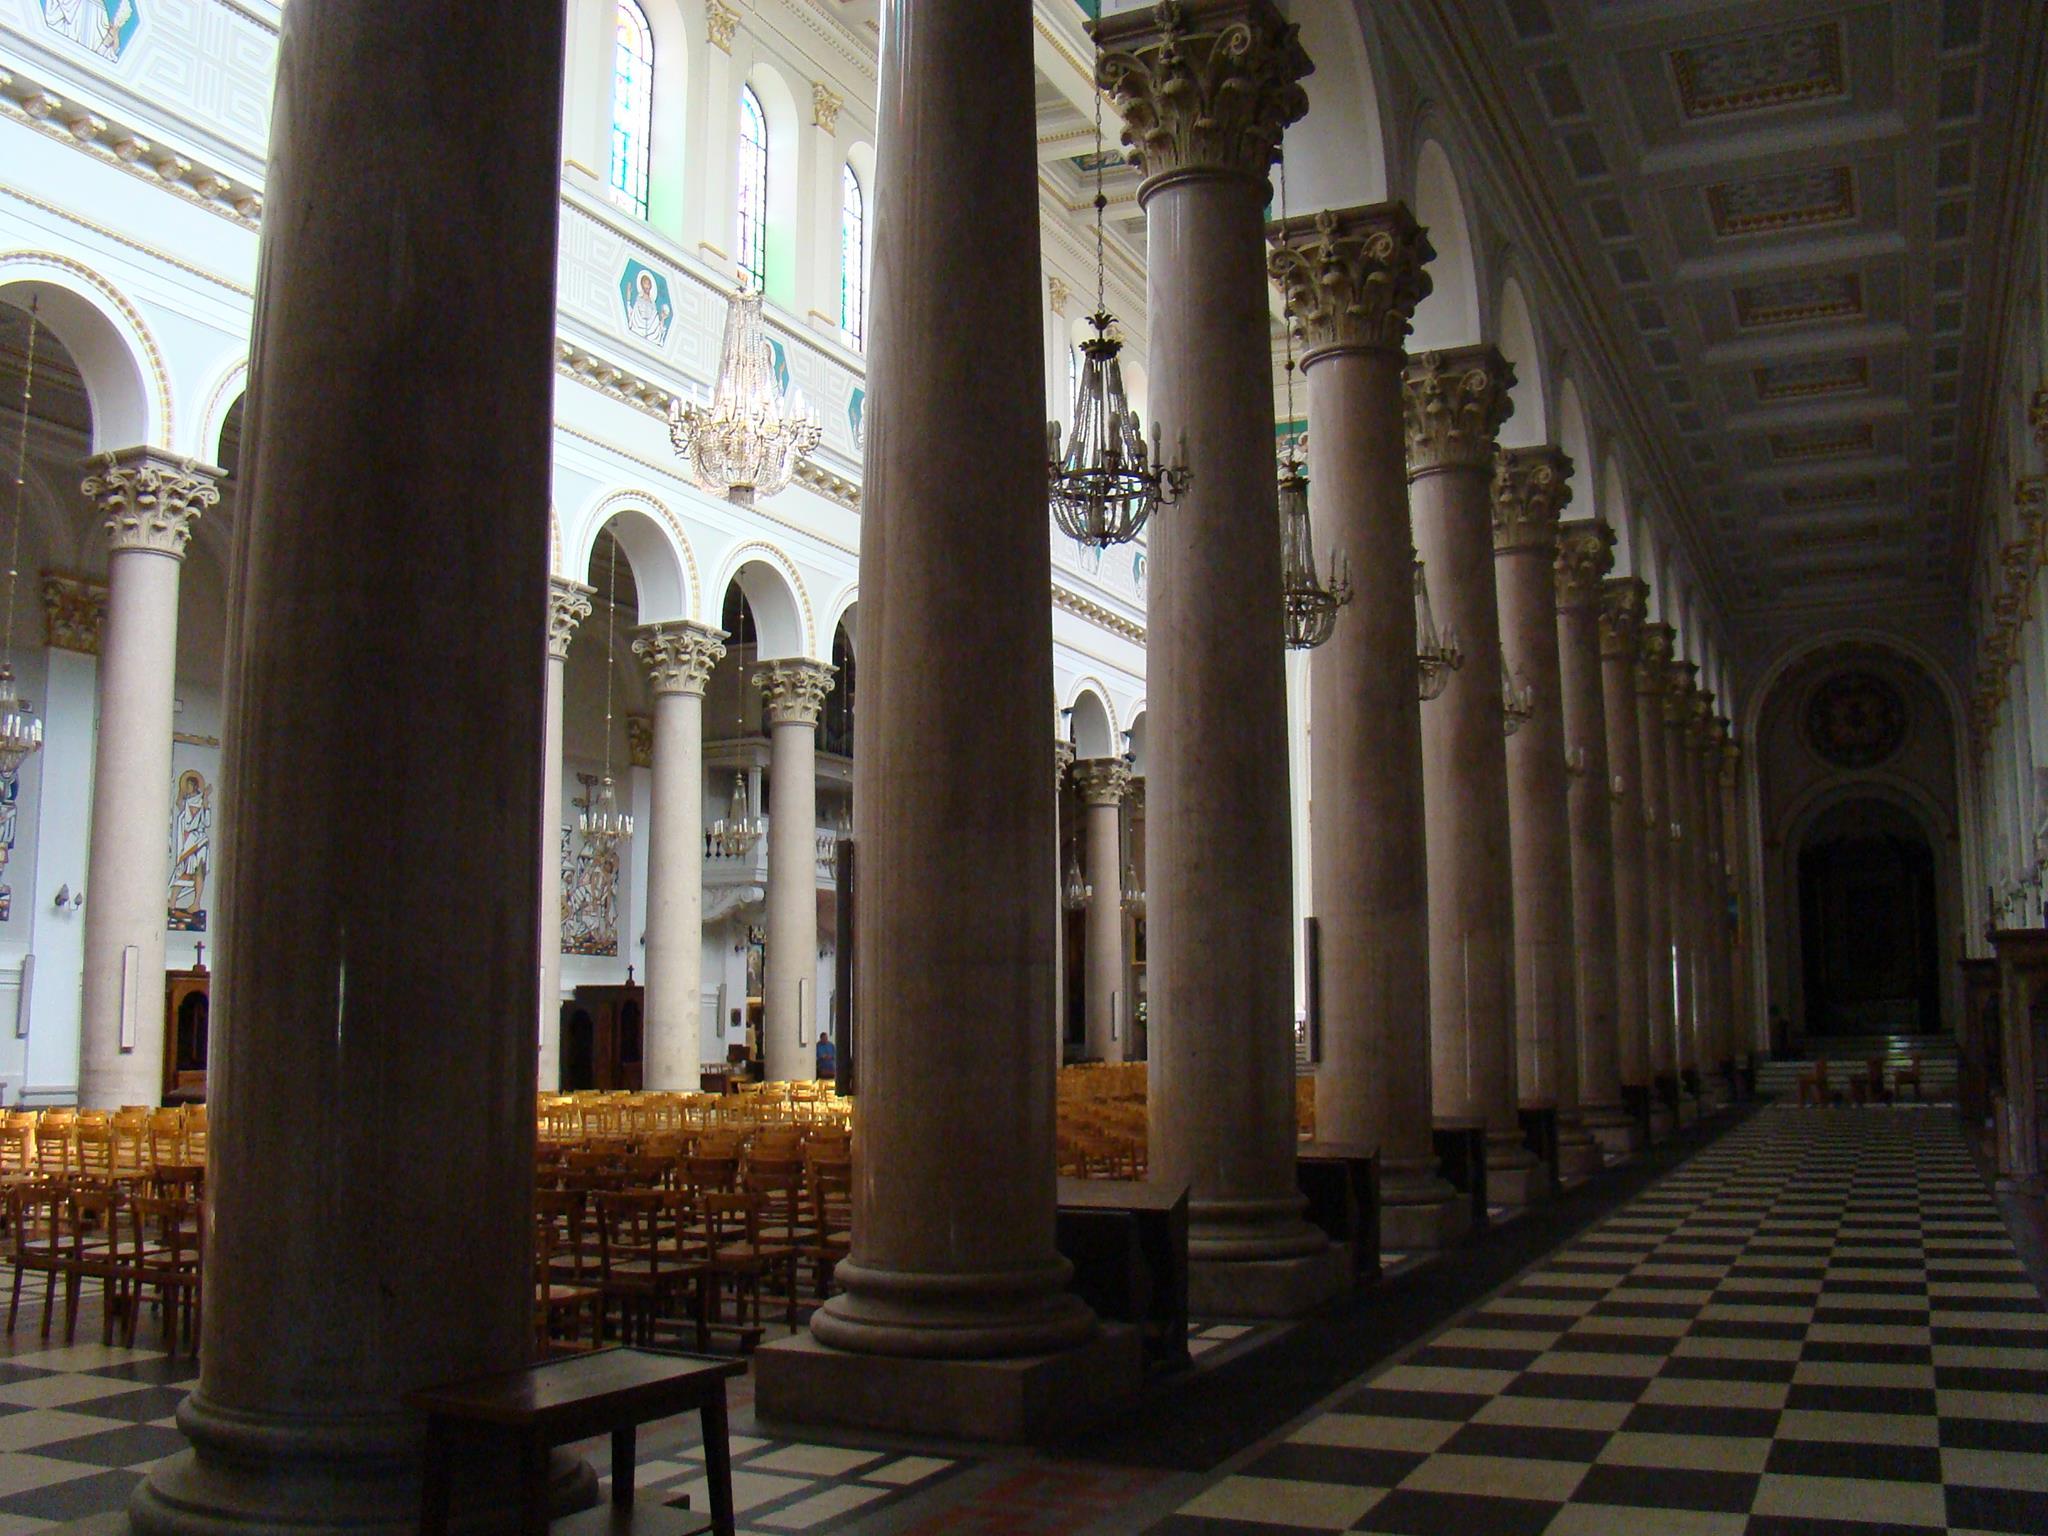 Kolumny wbazylice Najświętszego Serca Jezusowego naMichałowie. Kolumny zostały wykonane dla bazyliki św.Pawła zaMurami, aleokazały się zakrótkie.